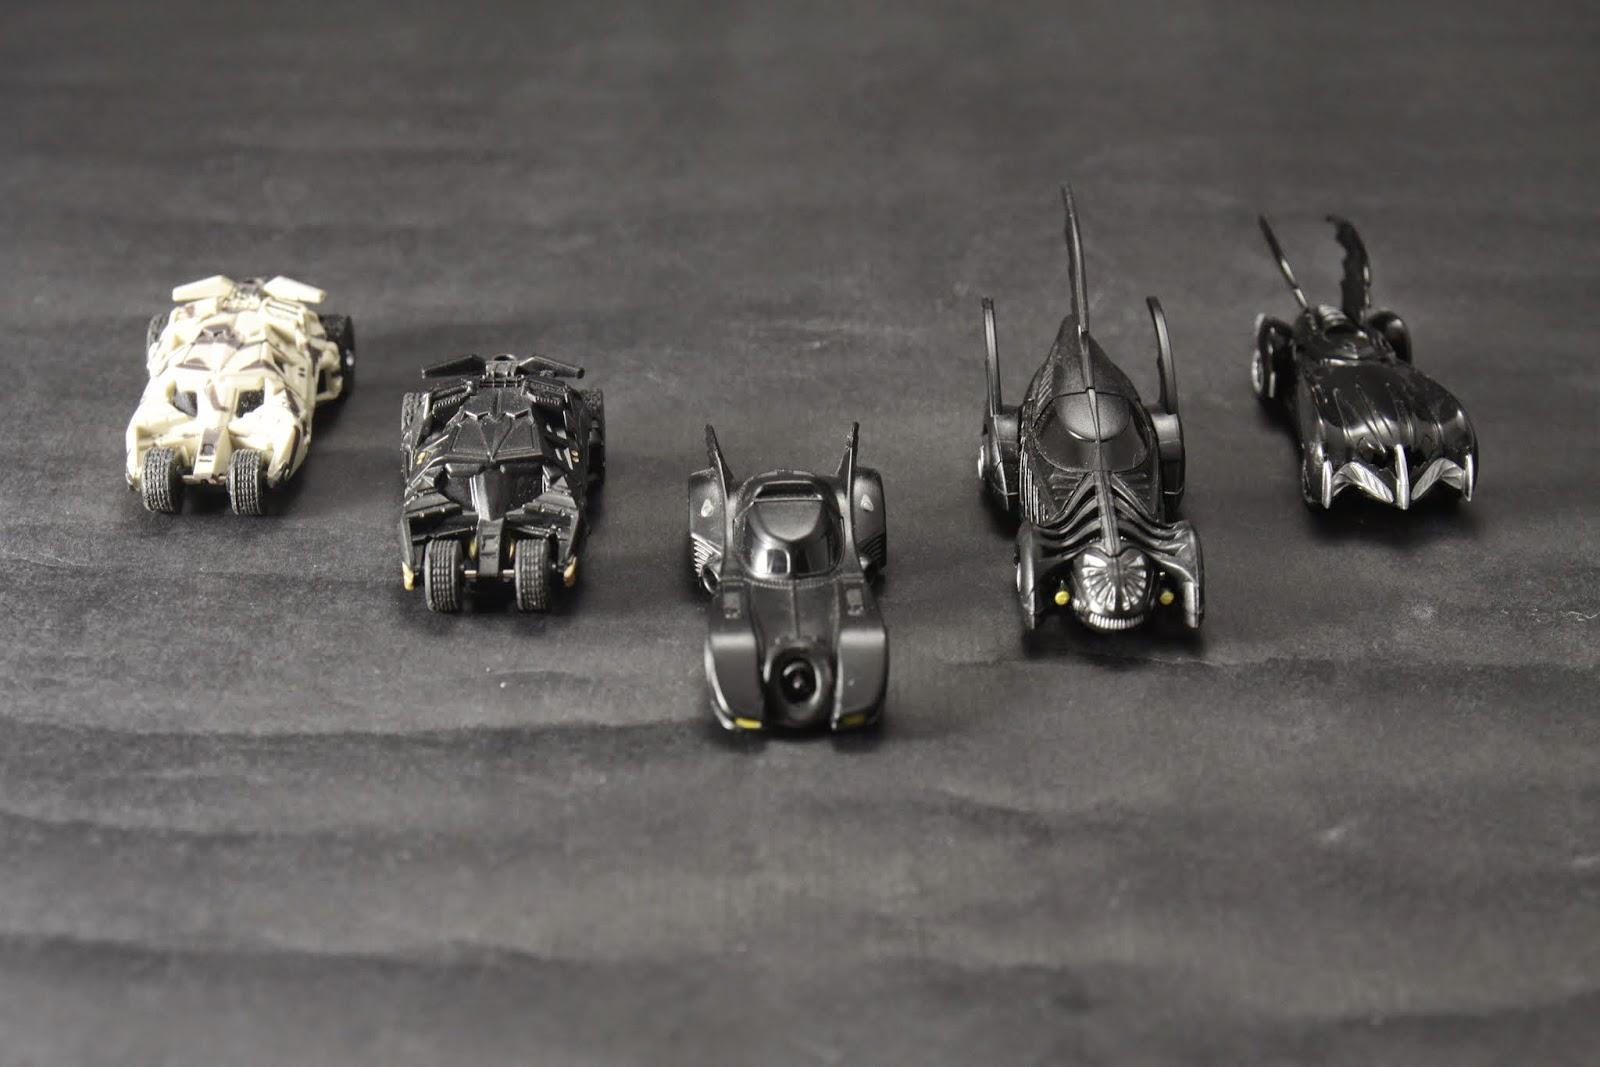 五種電影版的Bat Mobile 各位喜歡哪種呢?